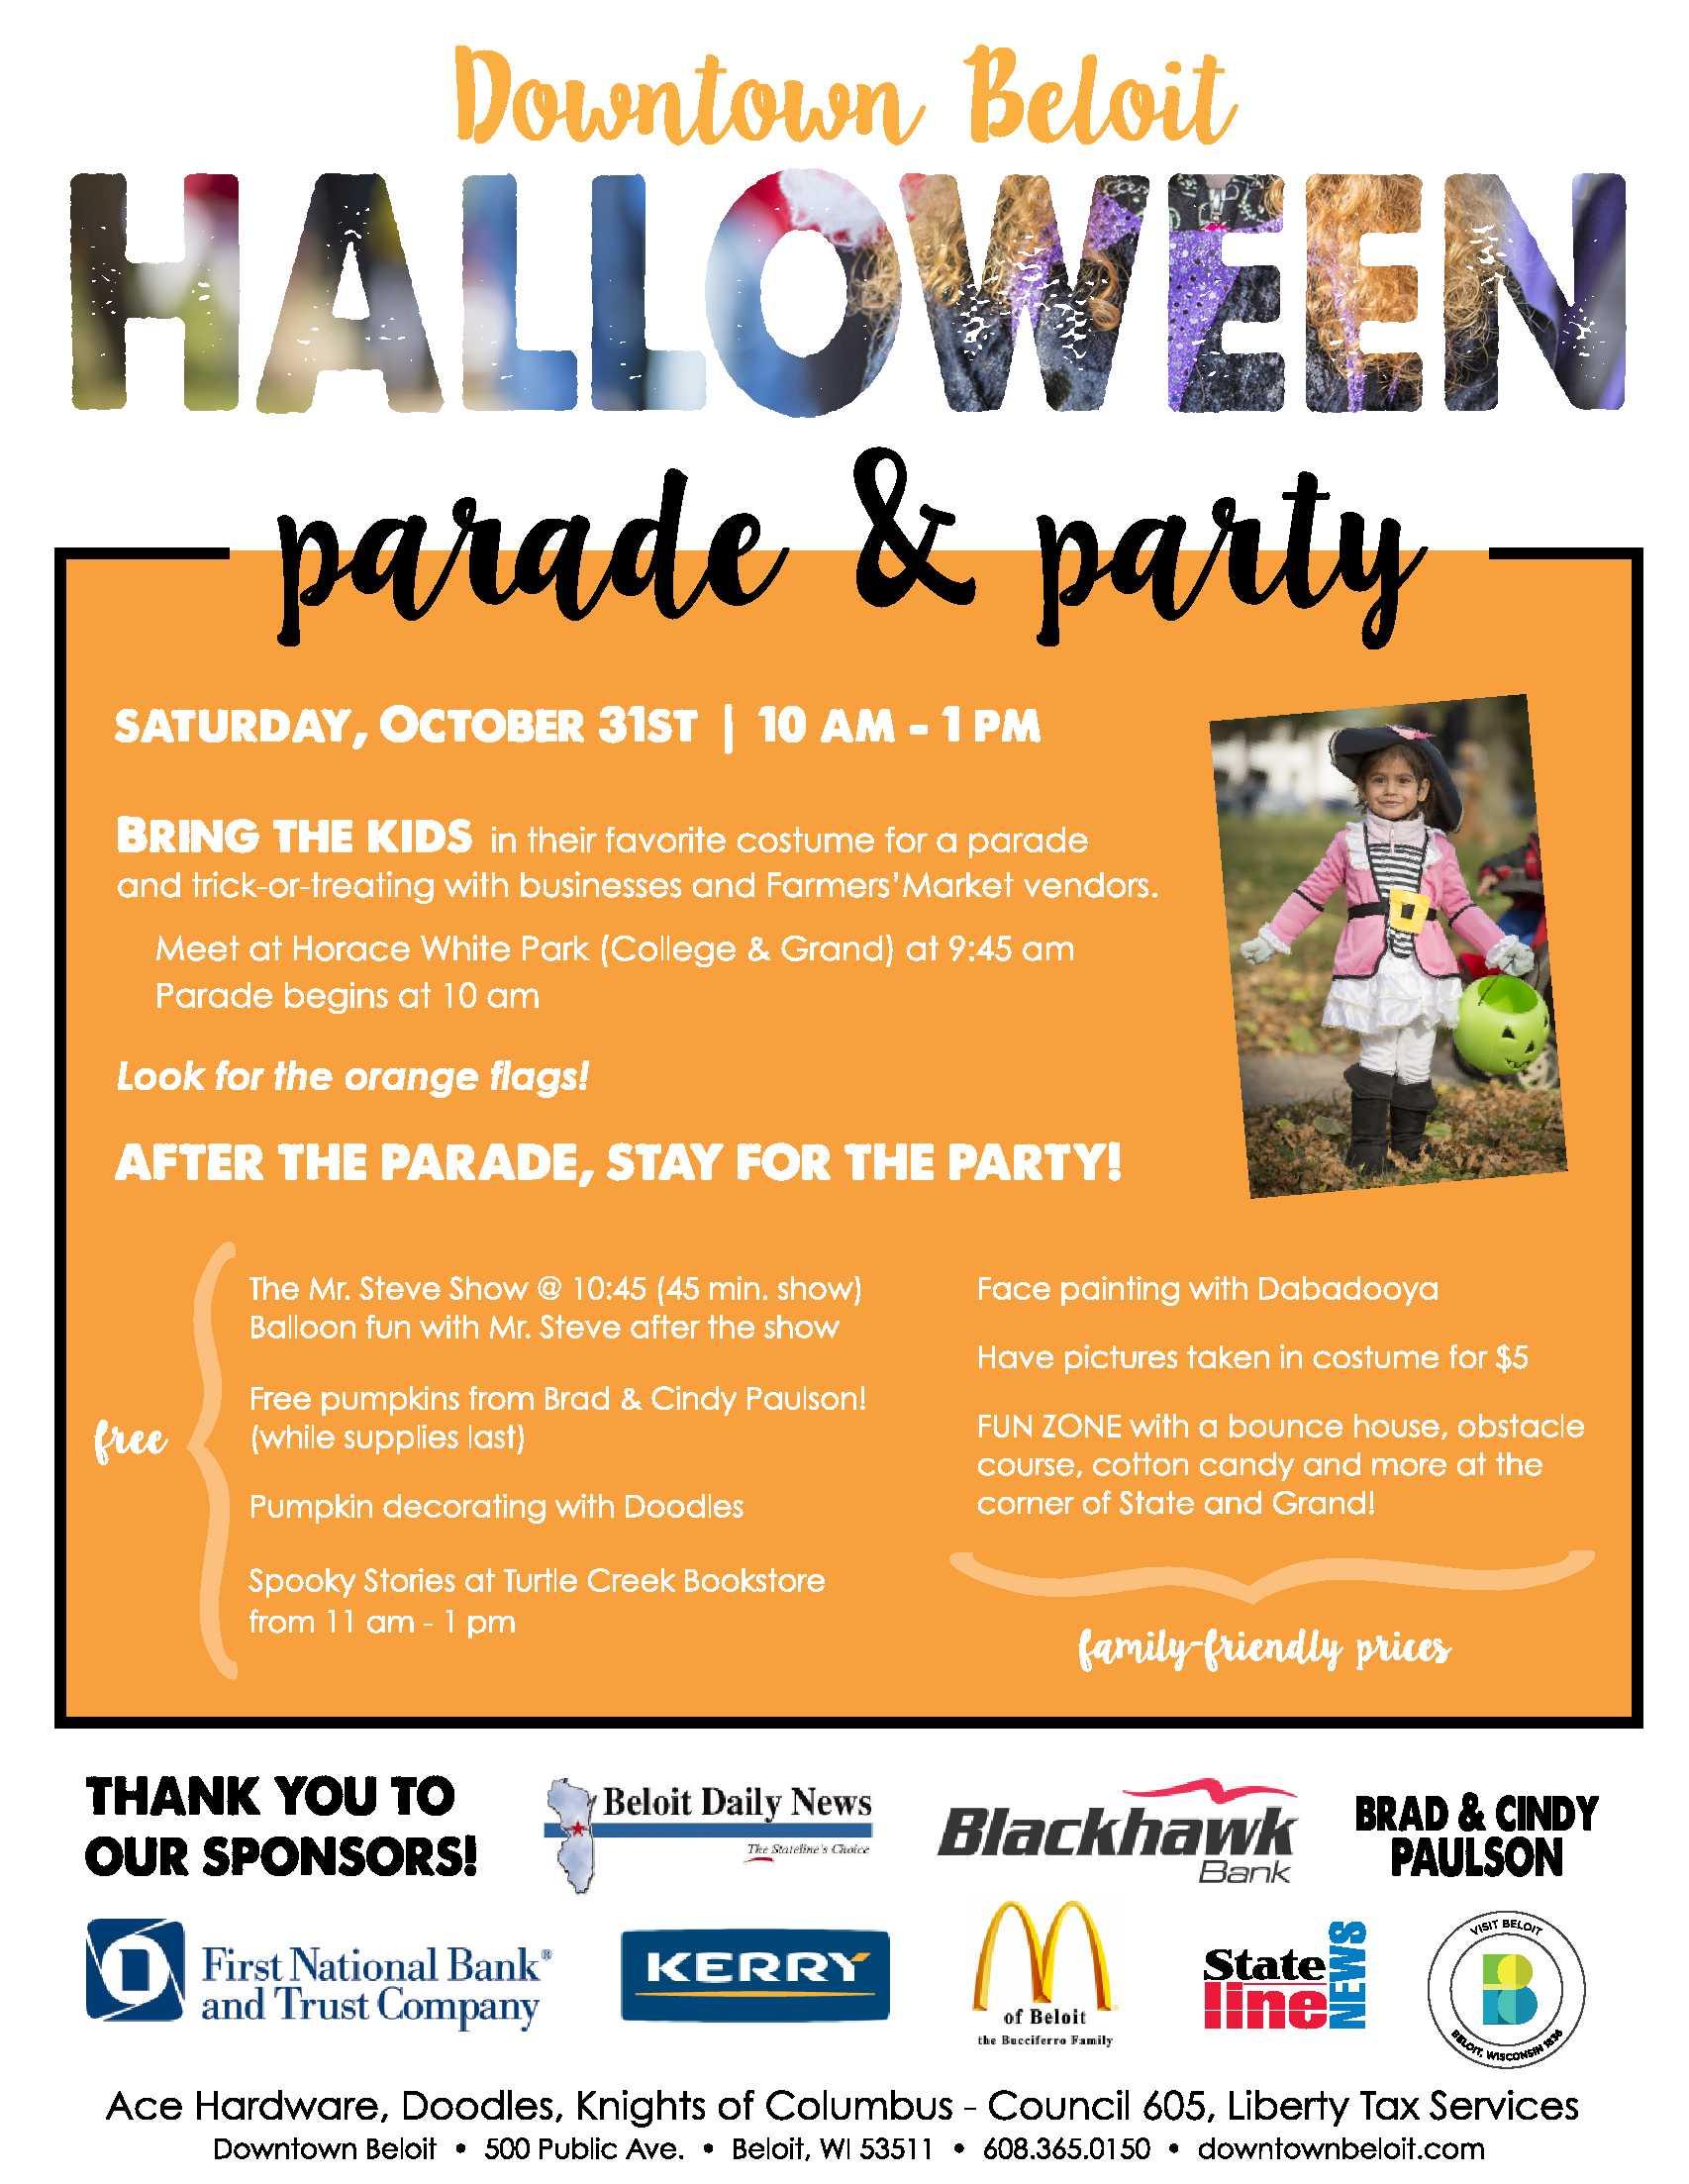 Hallowen Parade Flyer2015 Downtown Beloit Association